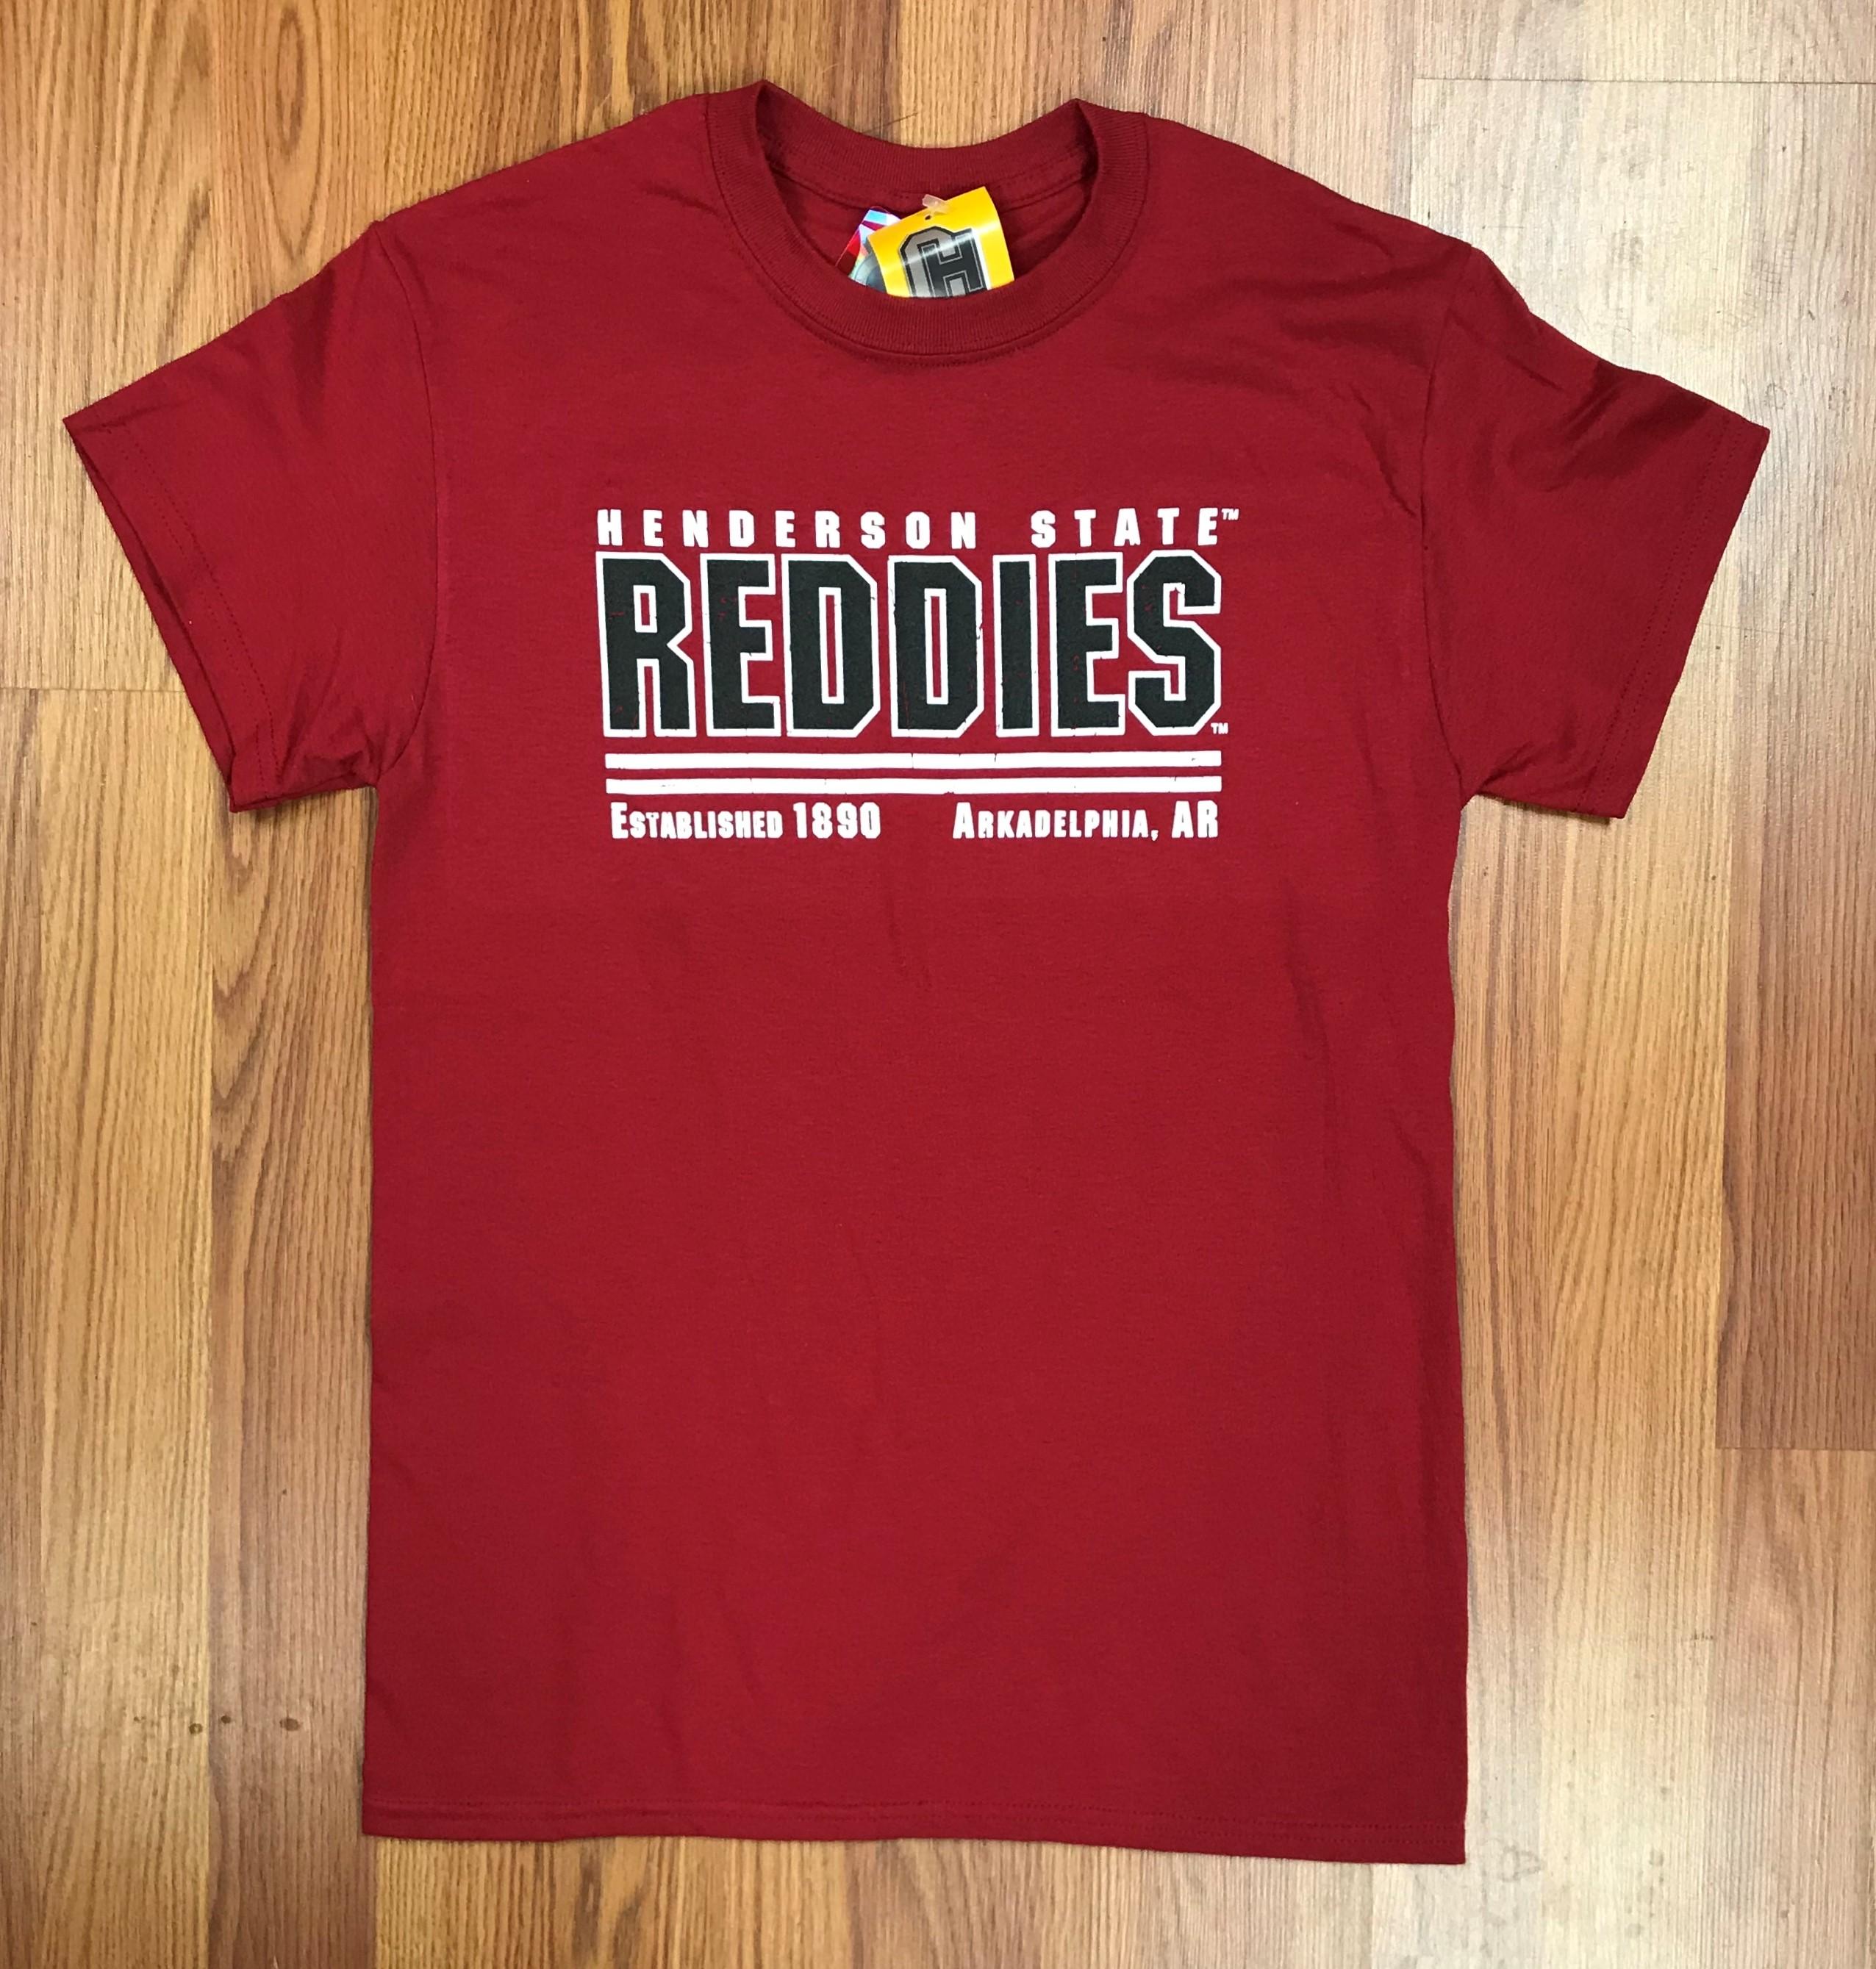 HENDERSON STATE REDDIES ARK,AR TEE